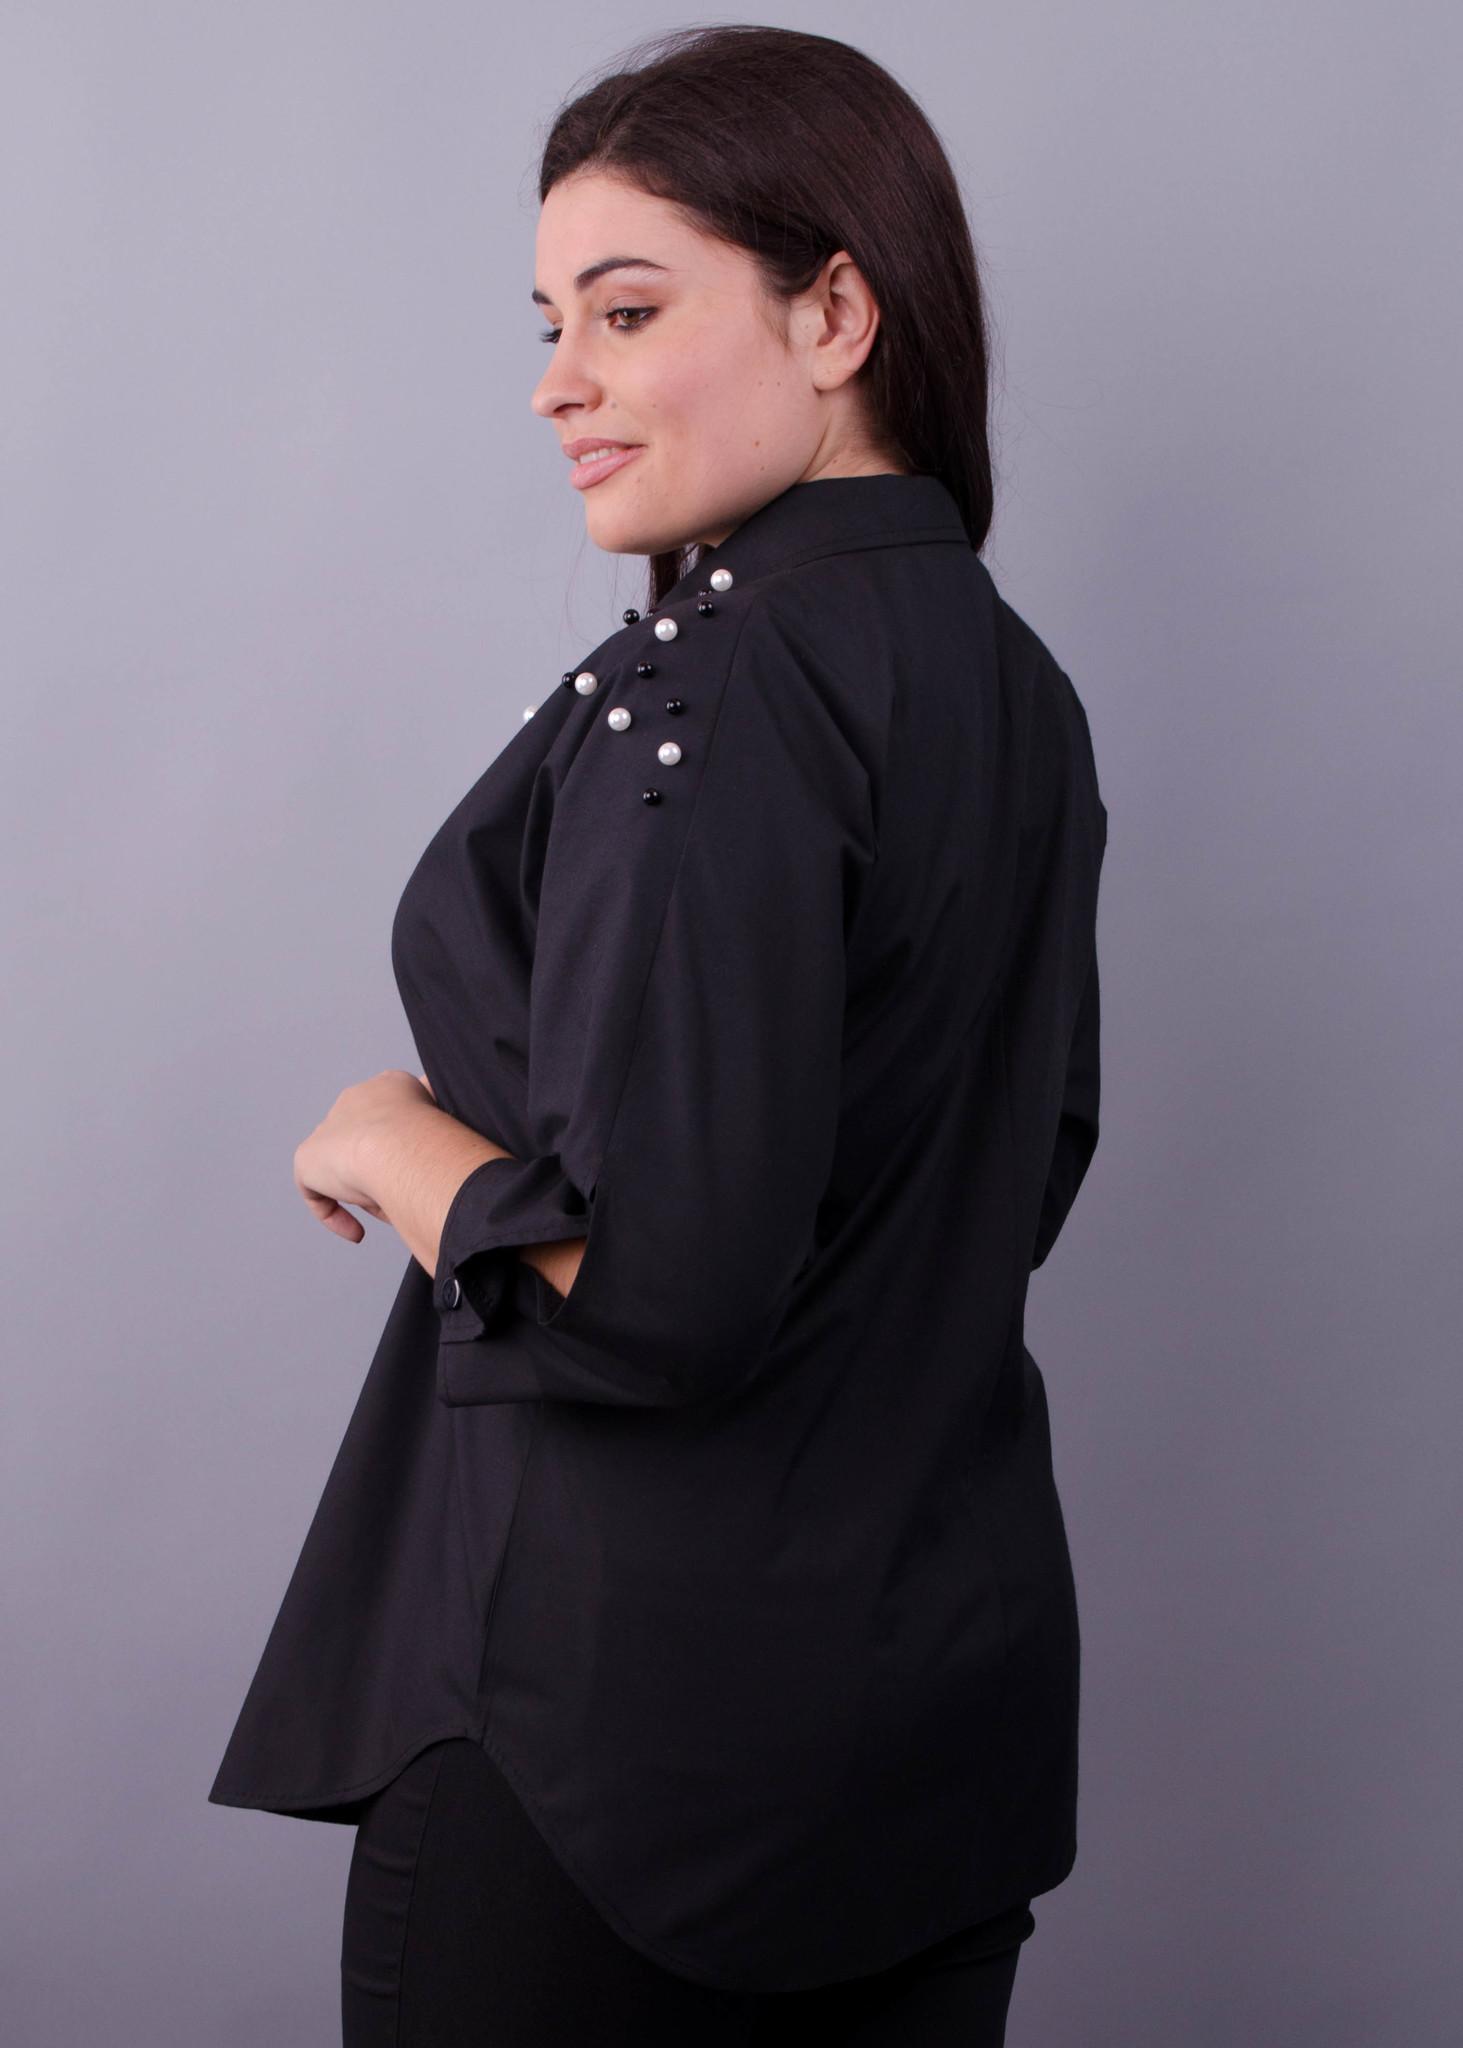 Магда. Повсякденна сорочка для офісу великих розмірів. Чорний ... efba23dbea515